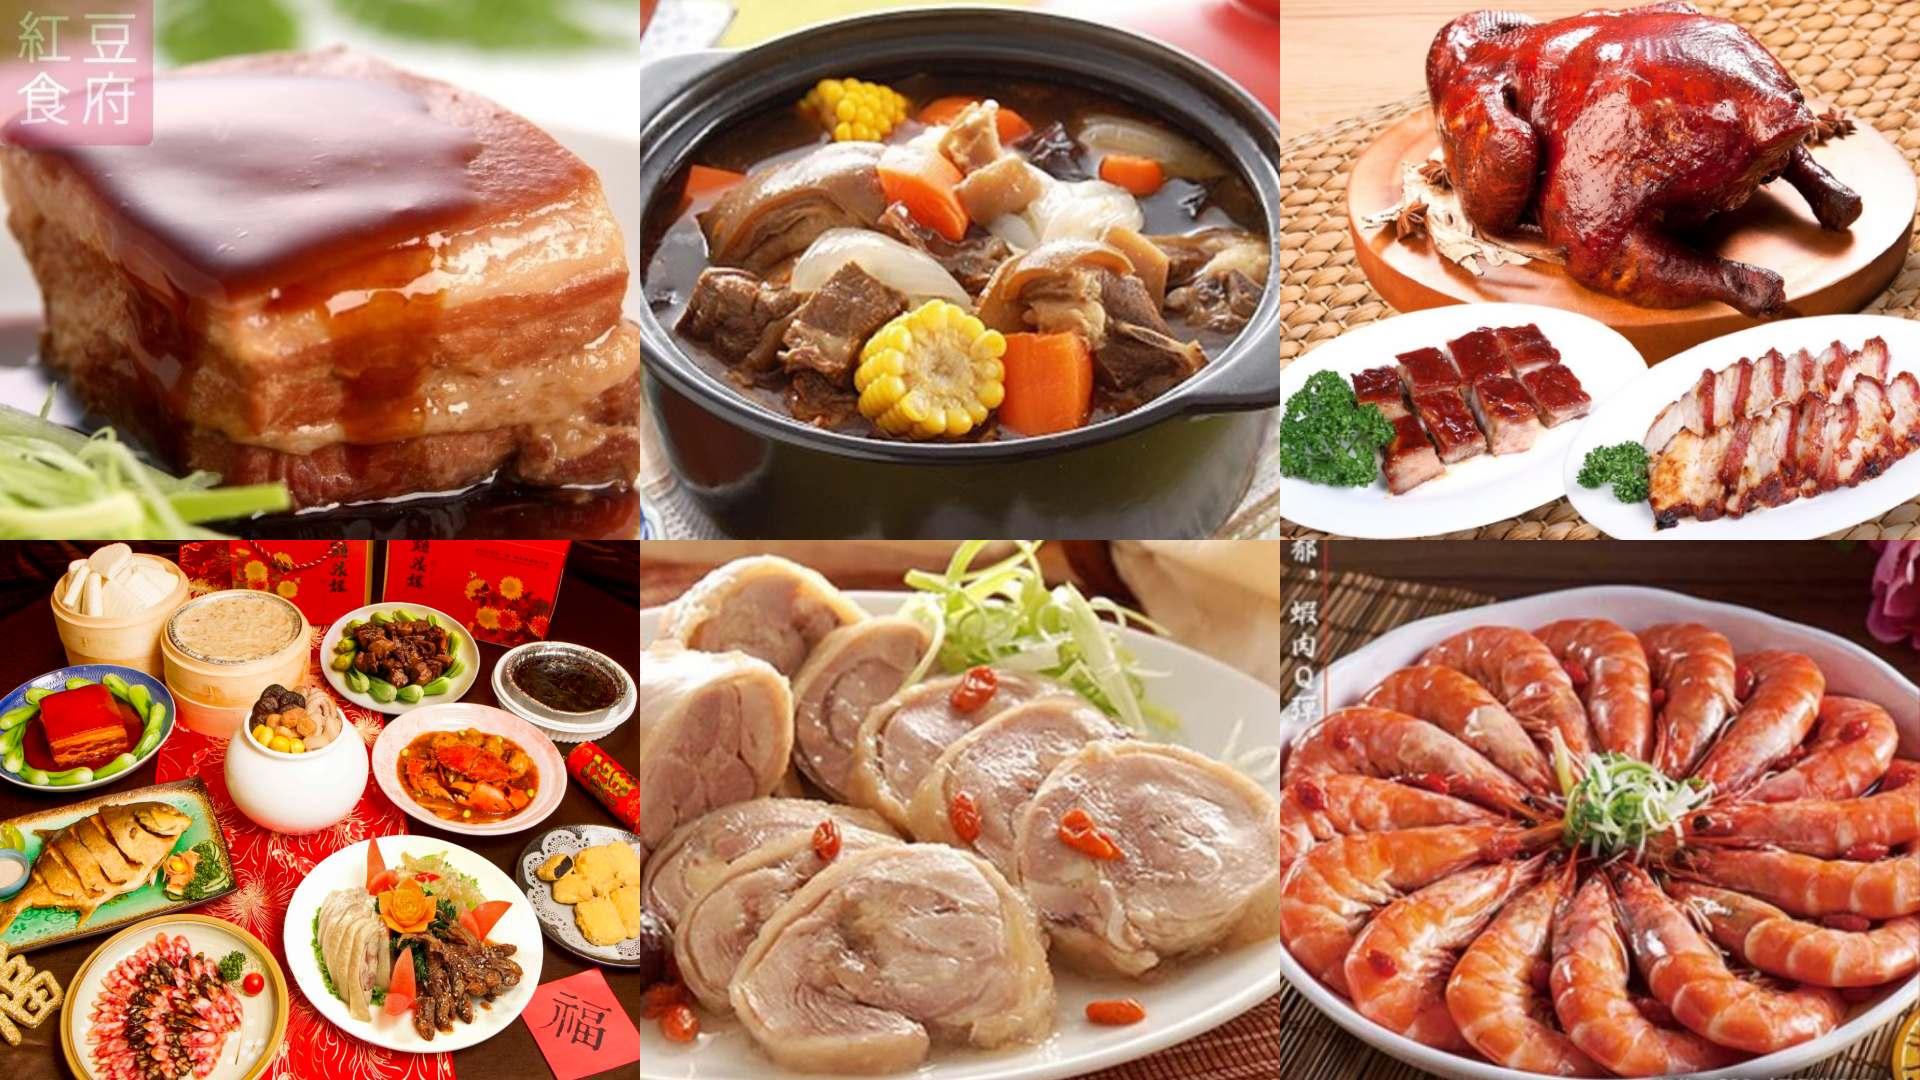 年夜飯是一年當中最重要的一餐,一定要好好吃!